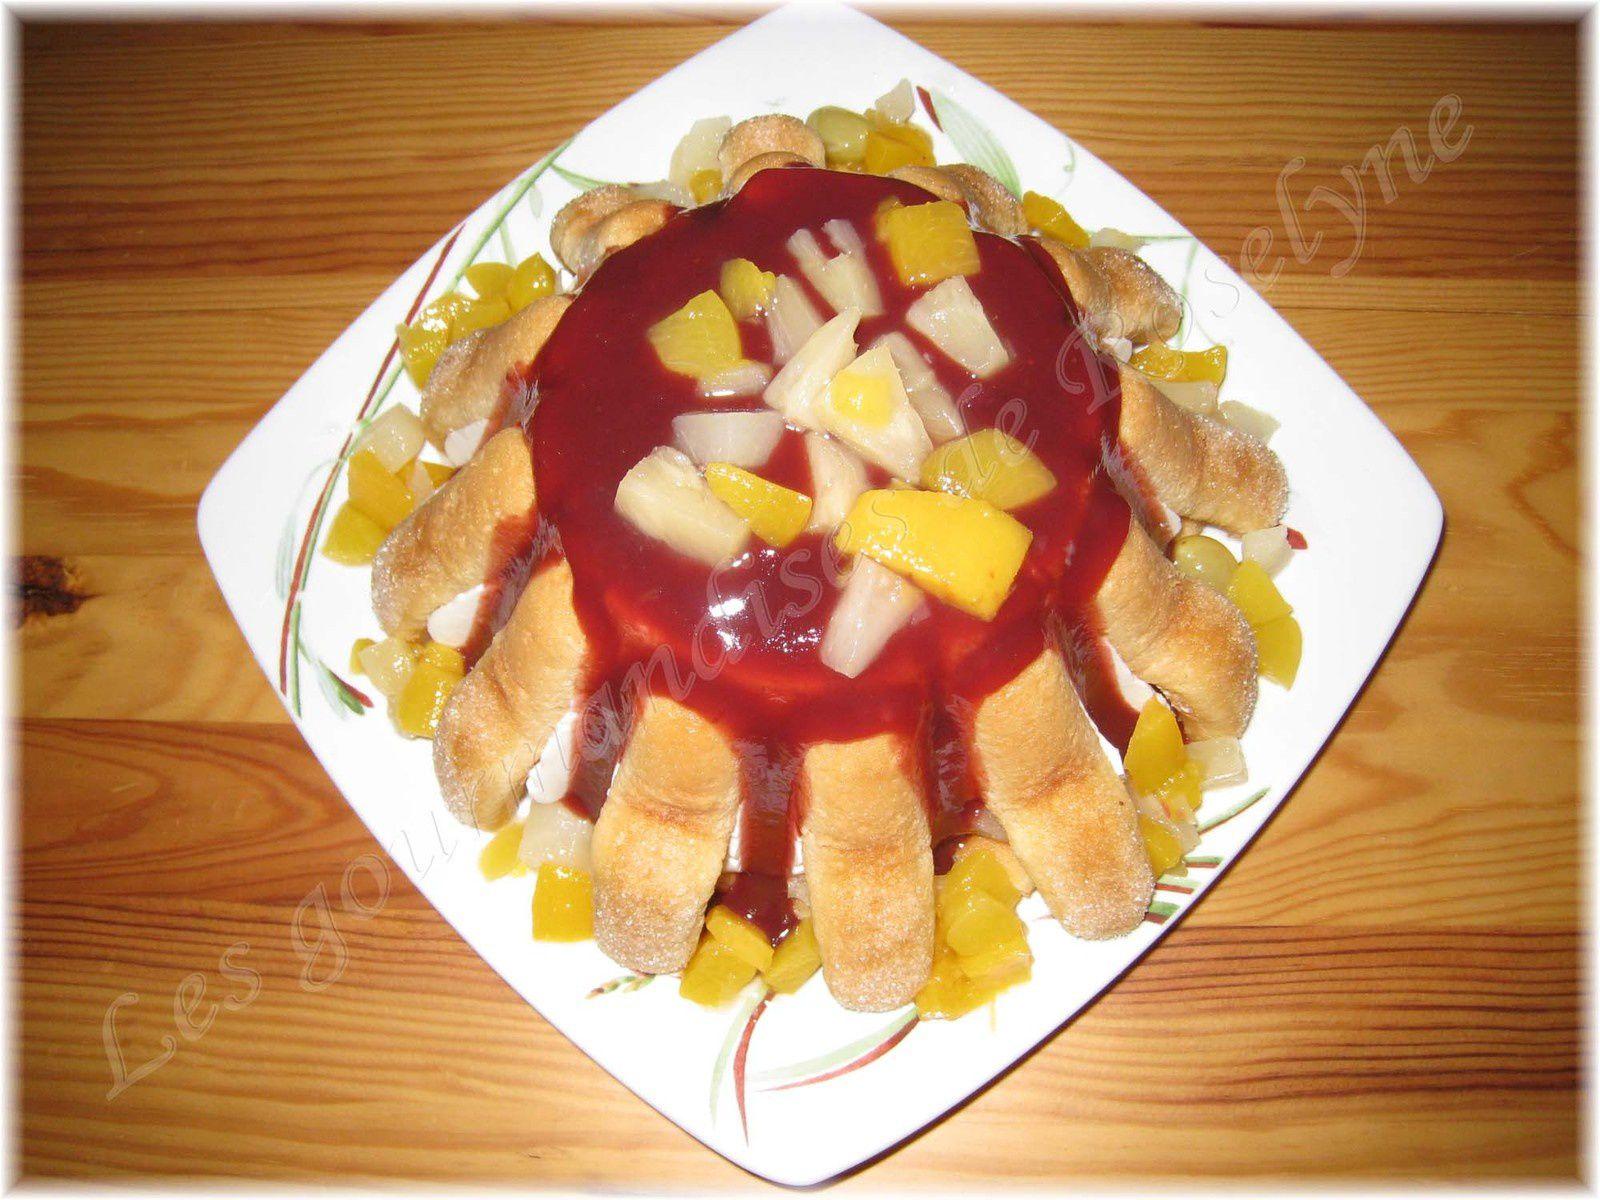 Charlottes aux fruits, recette remontée pour concours